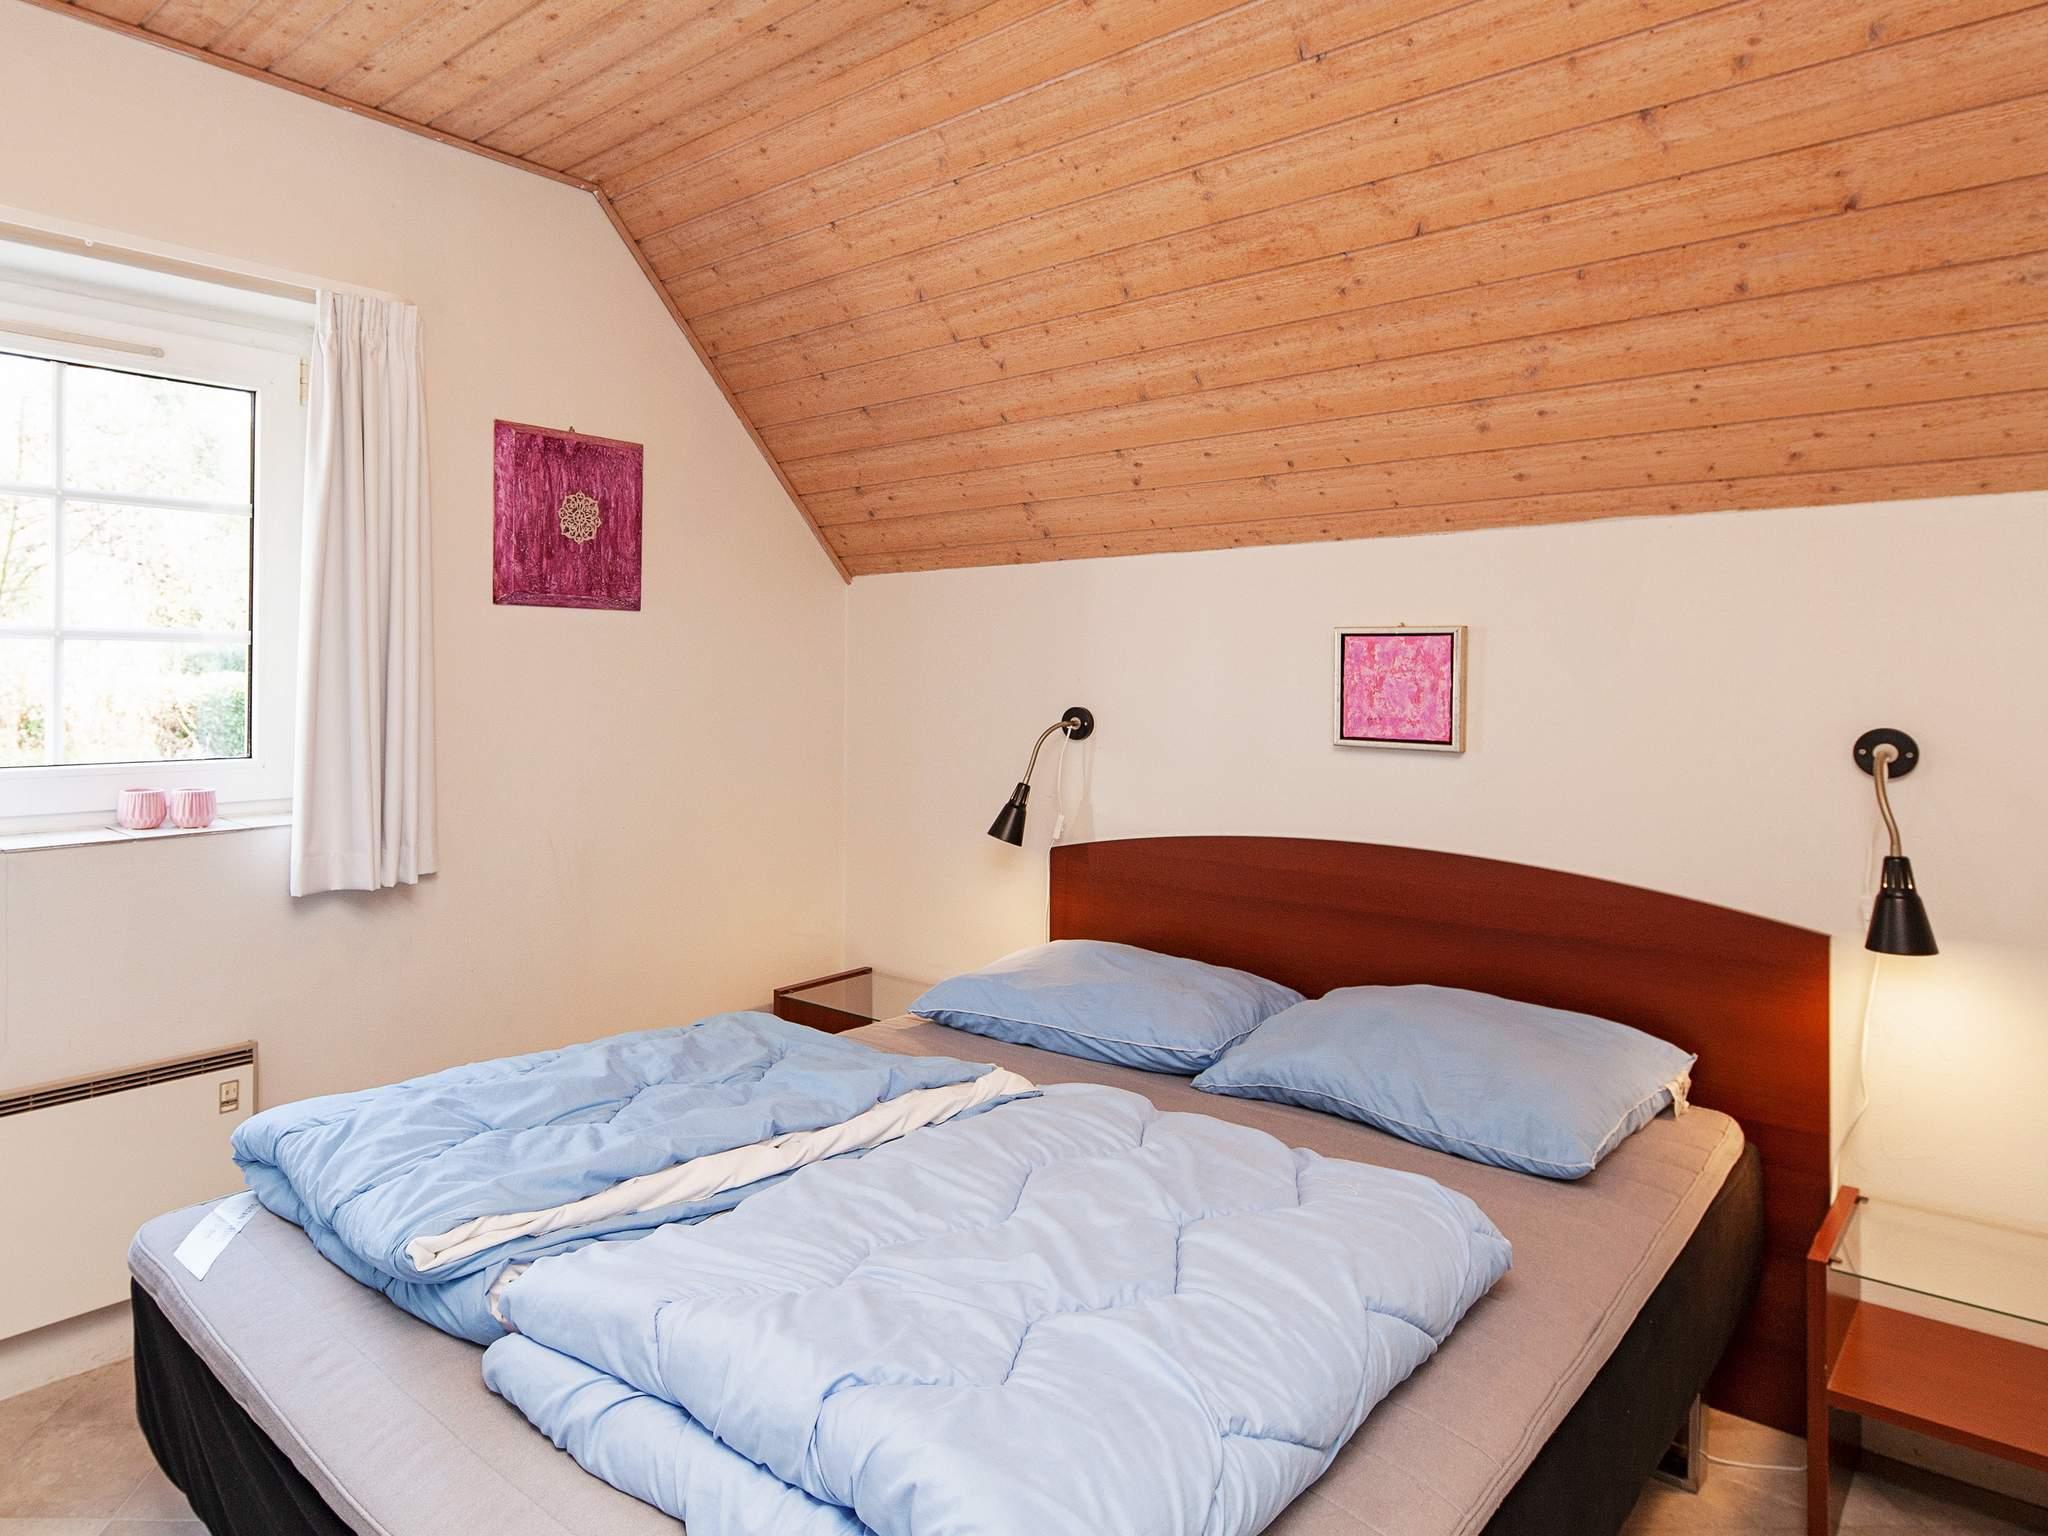 Ferienhaus Marielyst (83201), Marielyst, , Falster, Dänemark, Bild 4